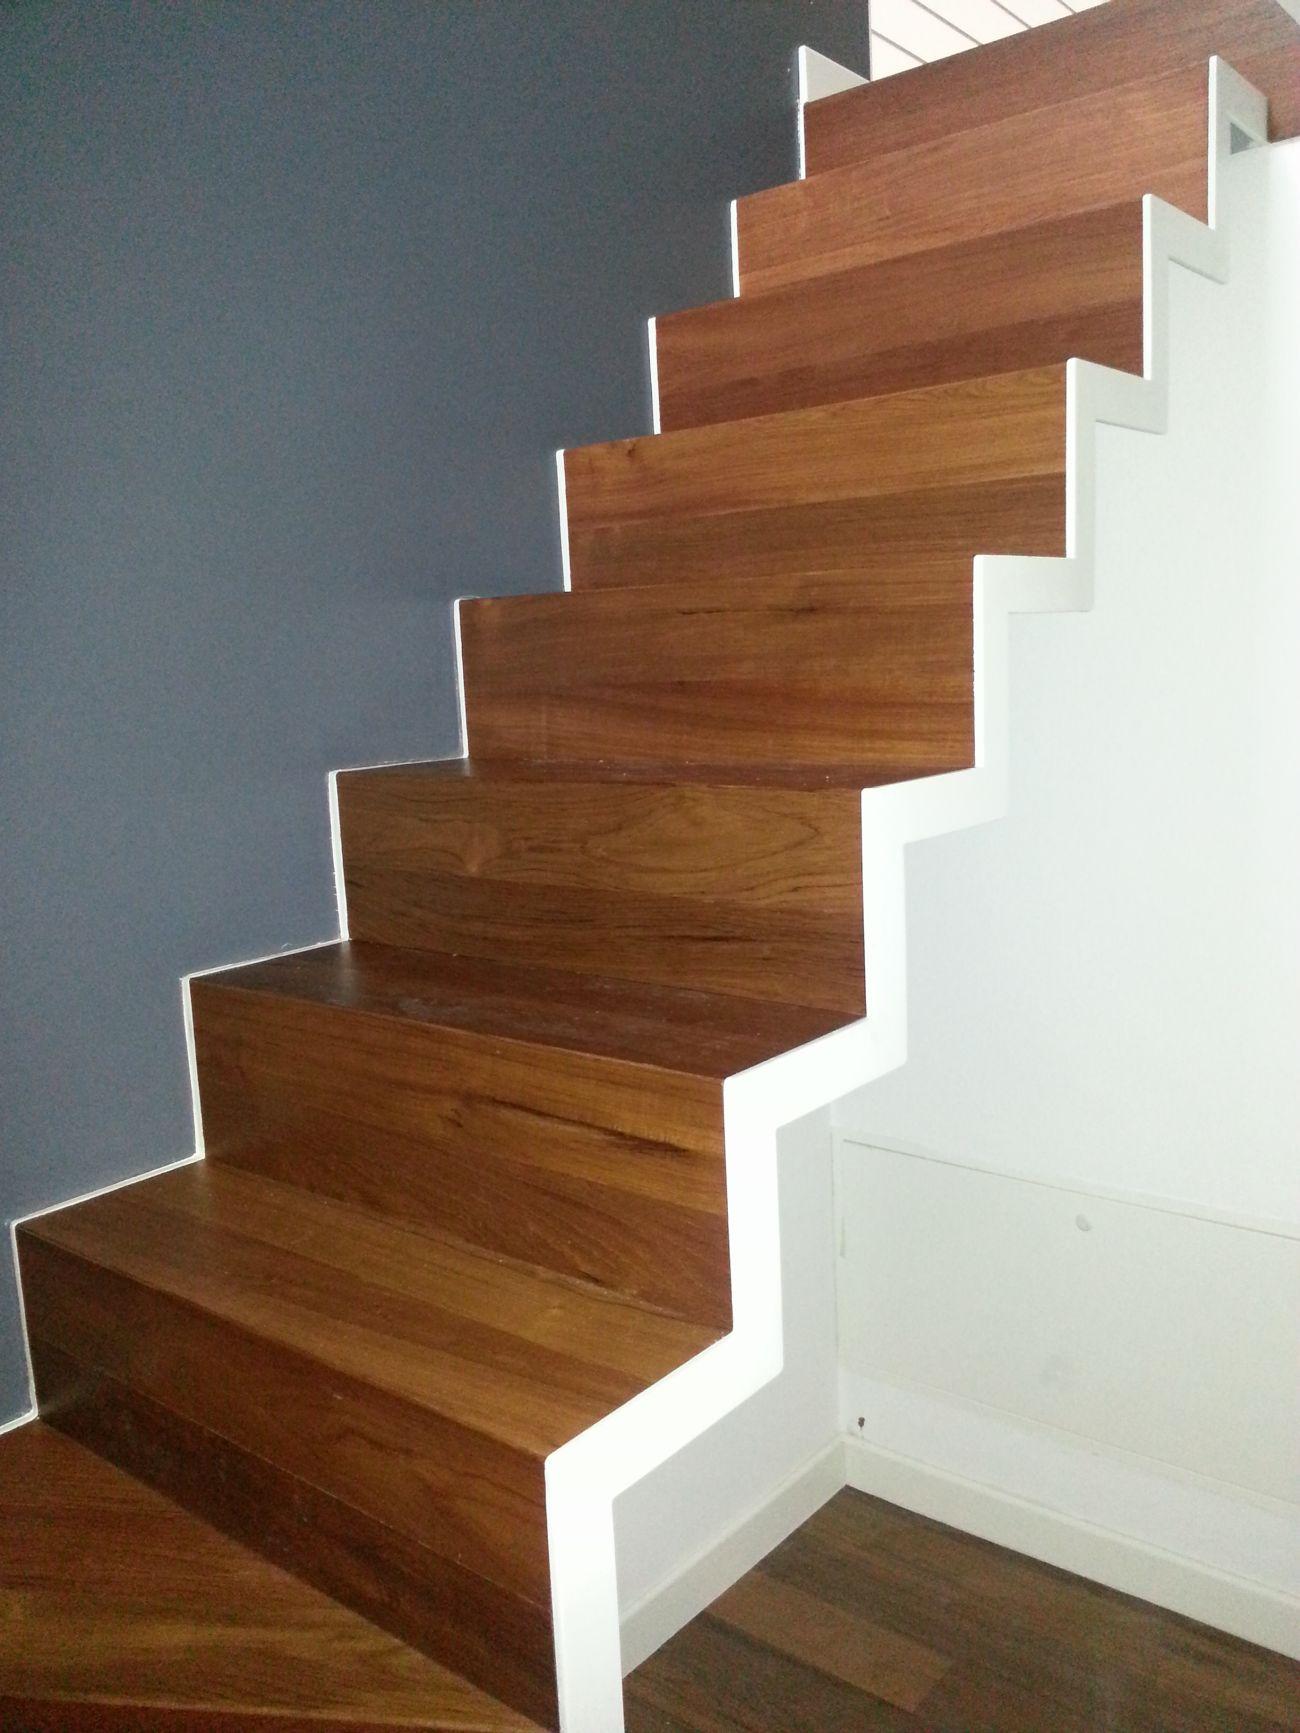 parquet per rivestimenti e scale by Soriano pavimenti Induno Olona  53